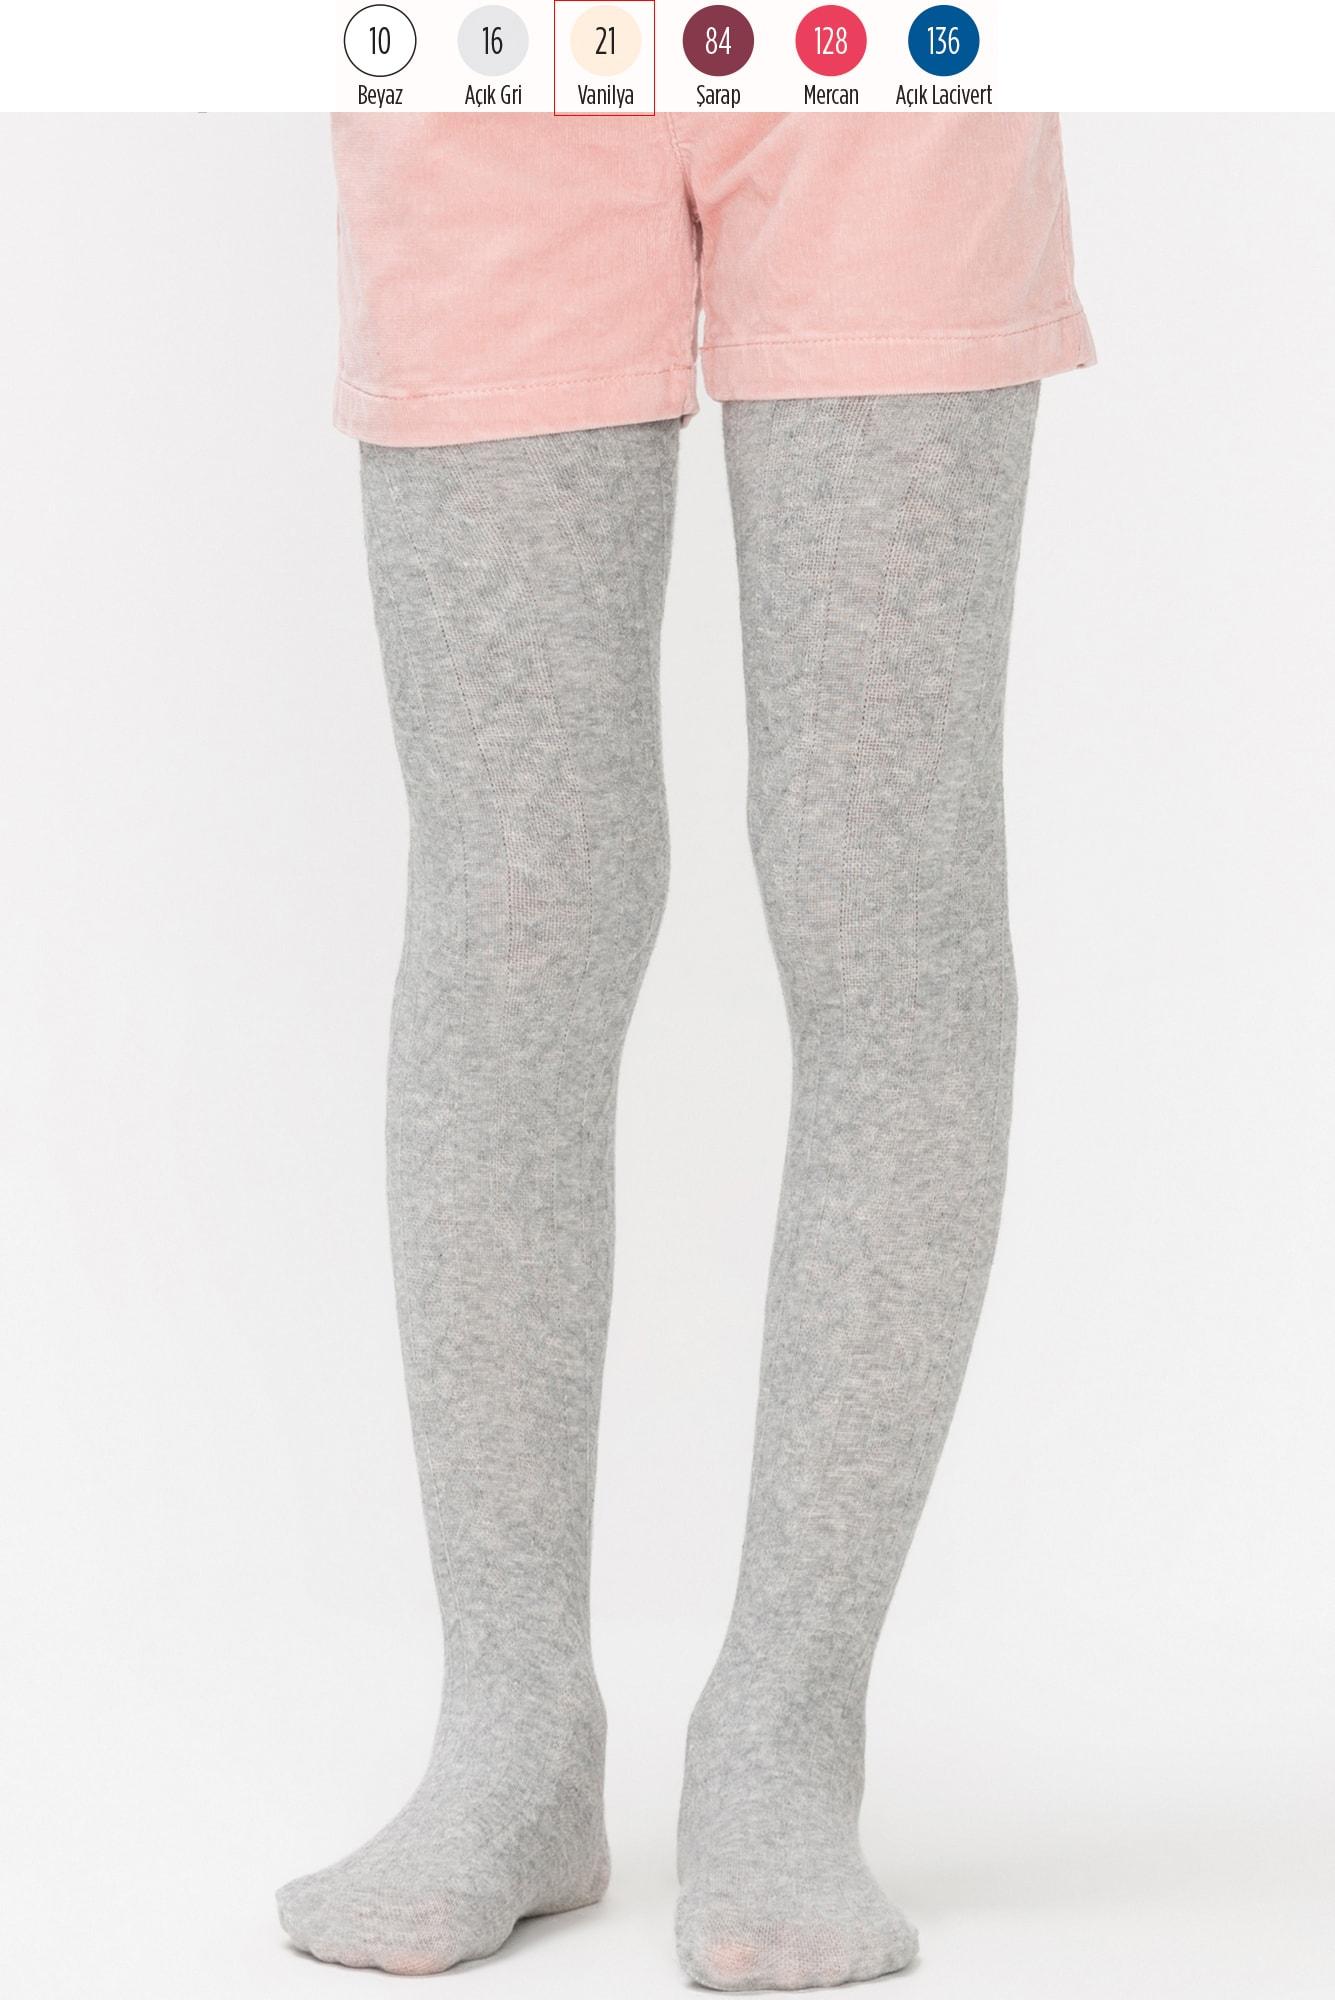 جوراب شلواری دخترانه طرح Karina رنگ وانیلی |